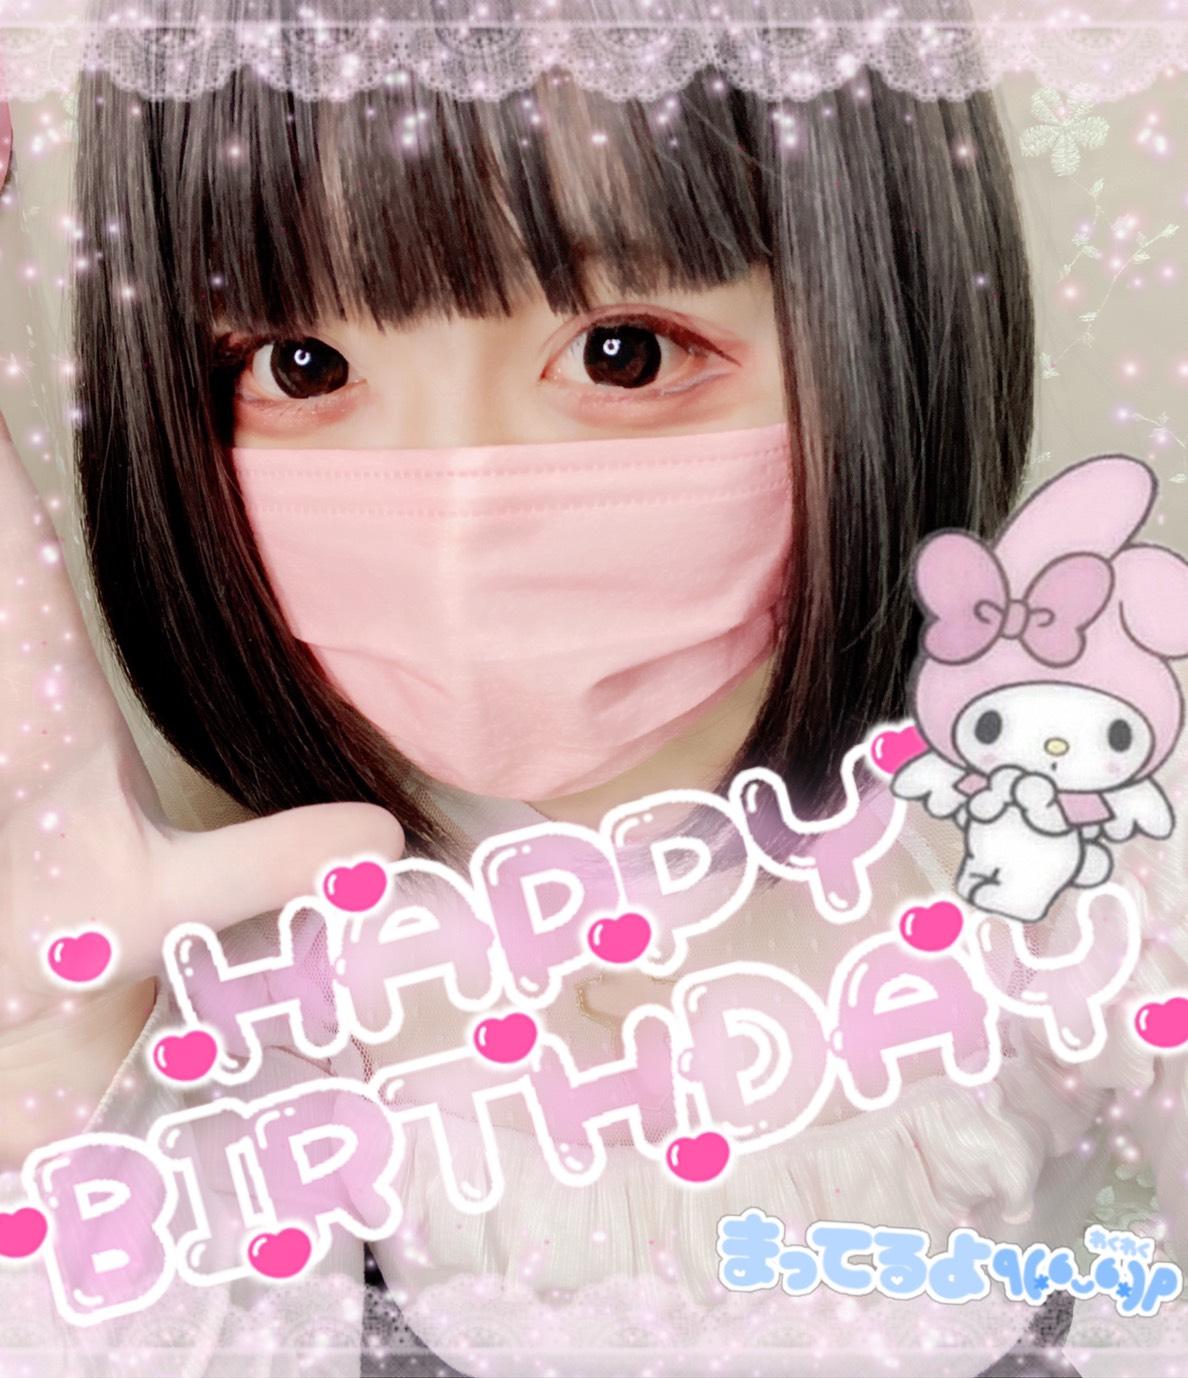 【祝】06/18(金)21時〜 結希 ちゃん生誕祭!1